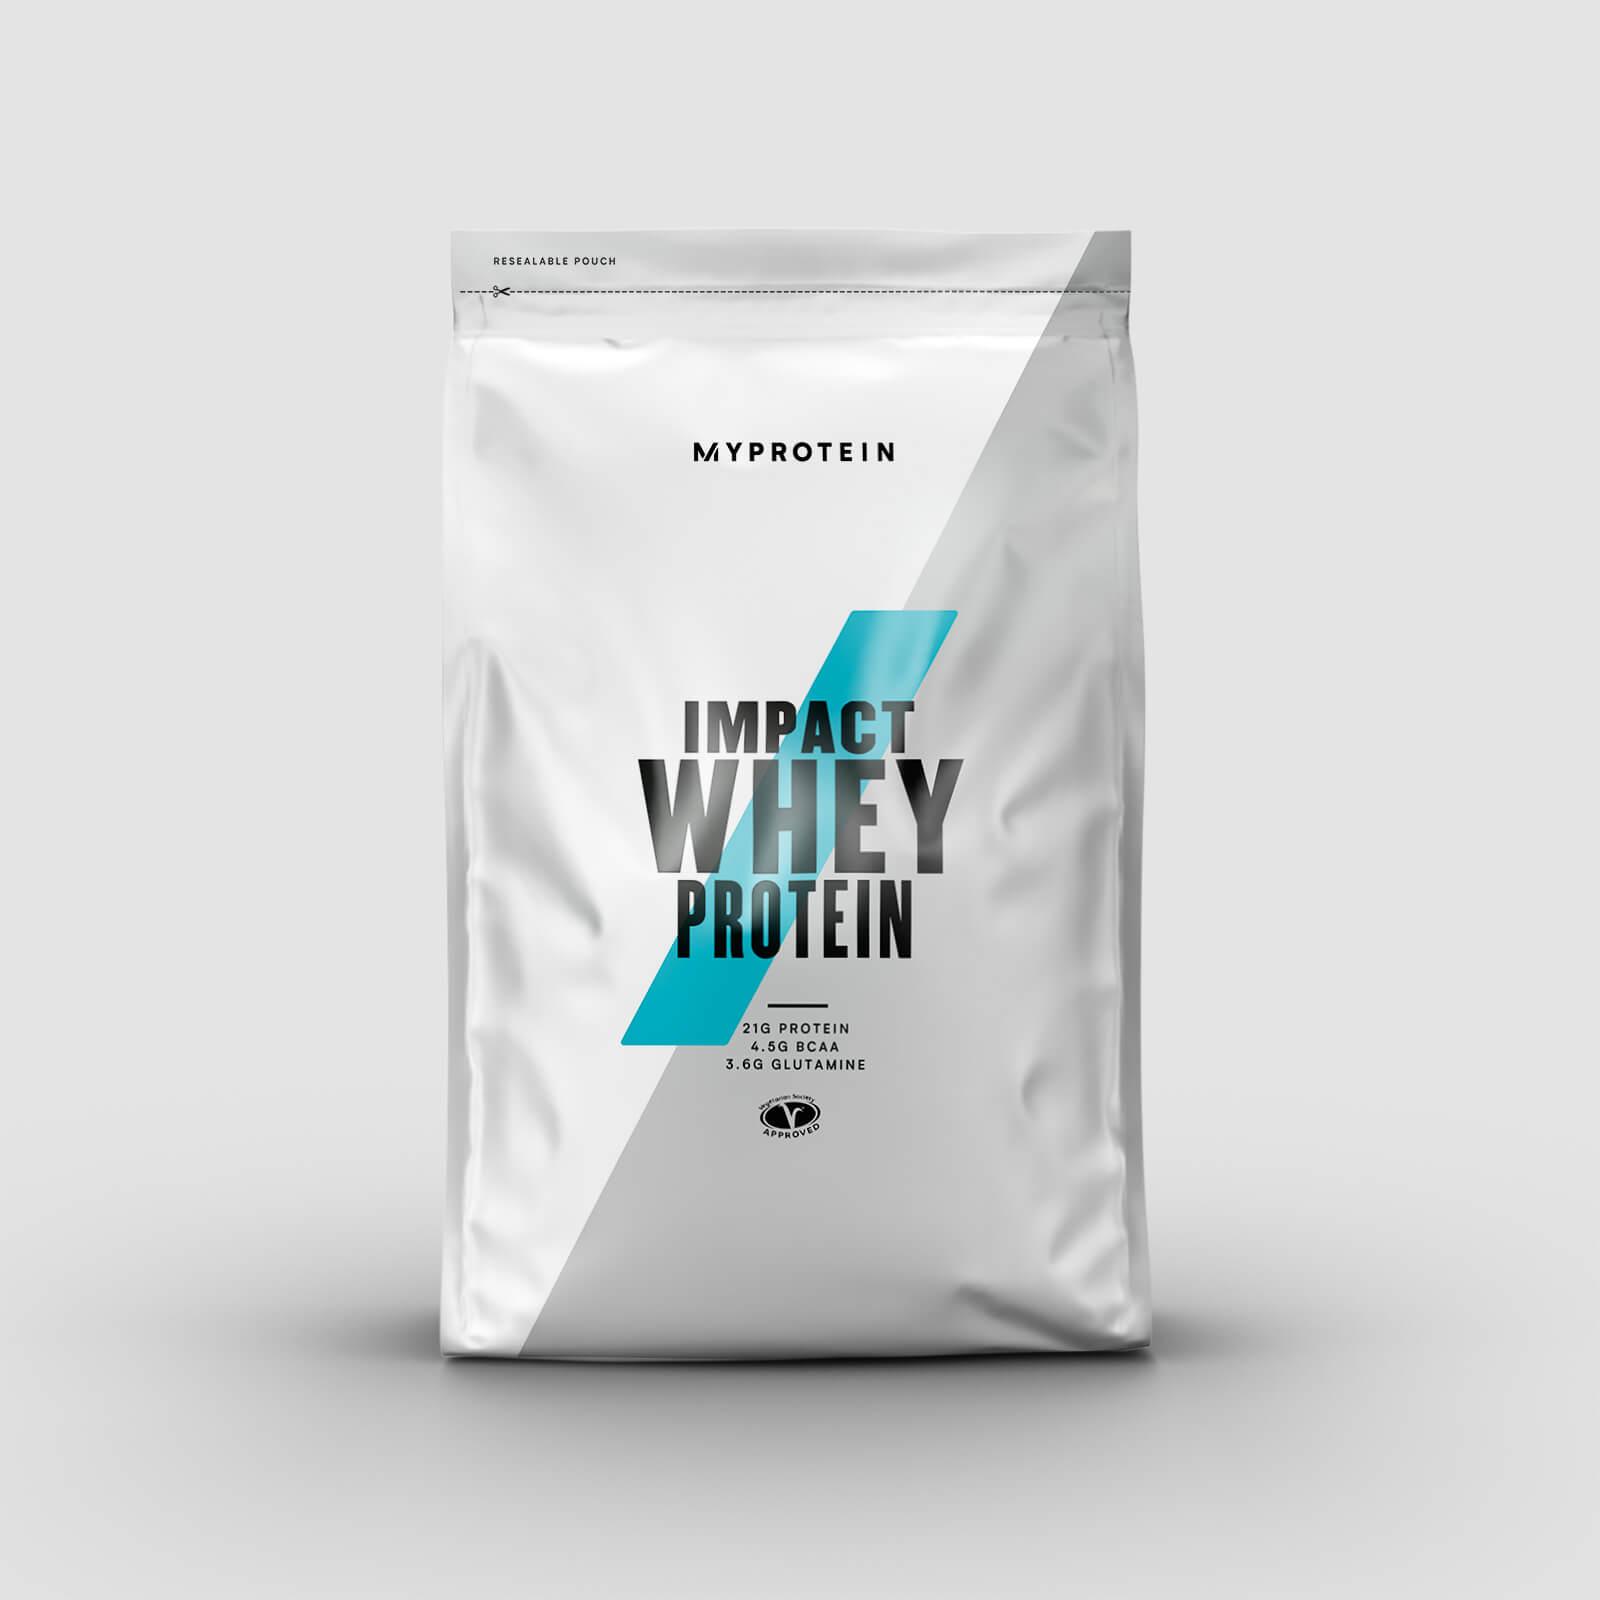 Myprotein Impact Whey Protein - 1kg - Vanille et Framboise